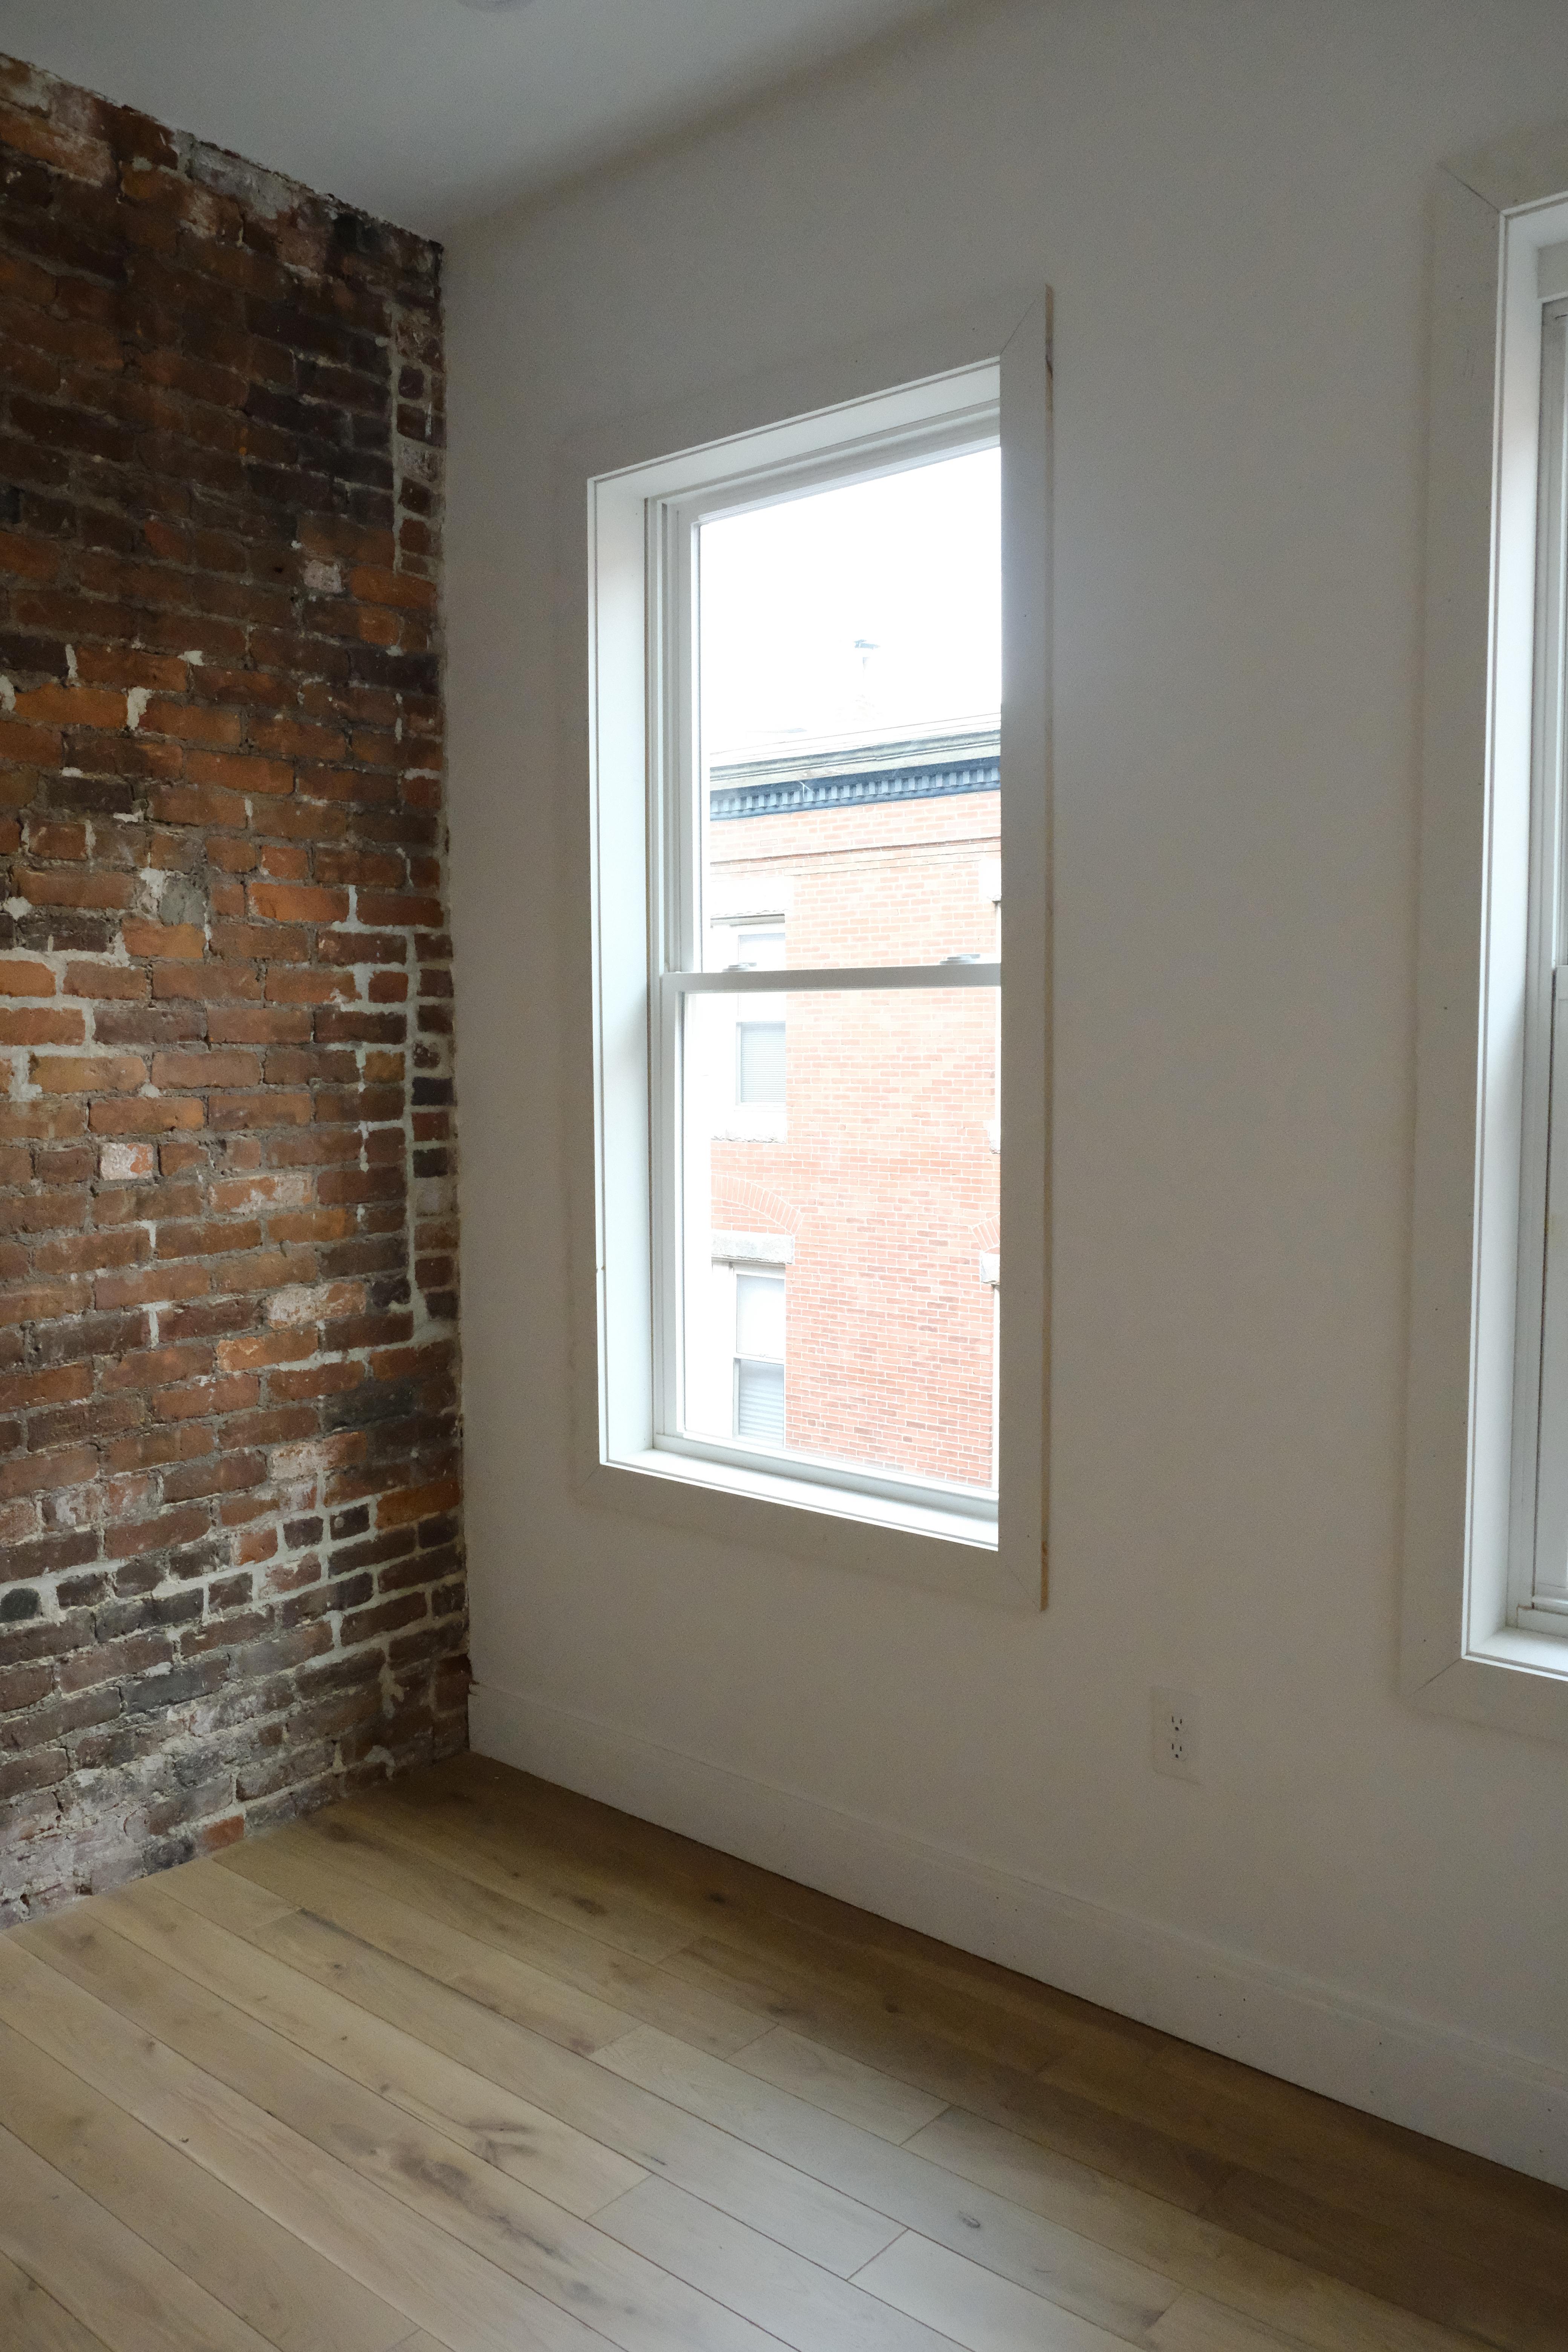 North End - Brick Wall